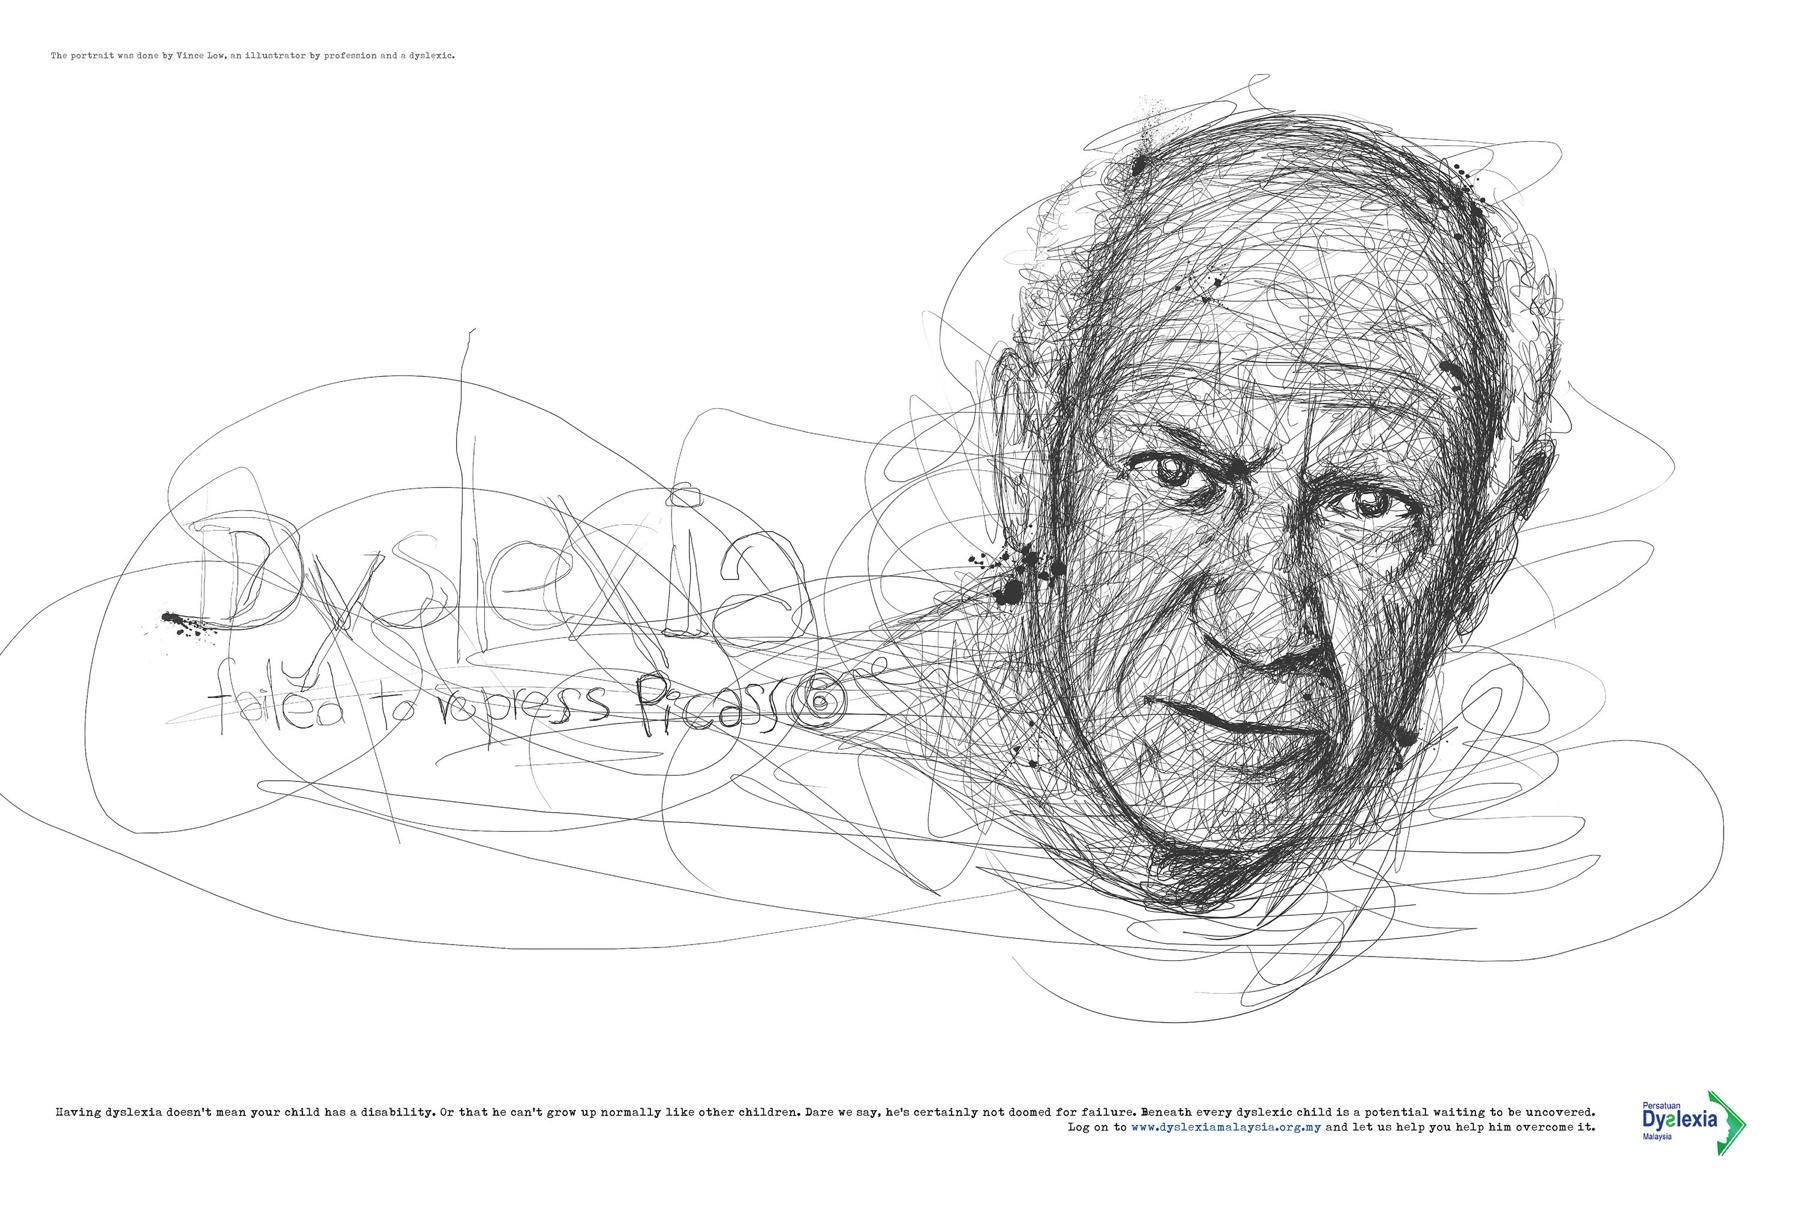 Dyslexia Malaysia Pablo Picasso